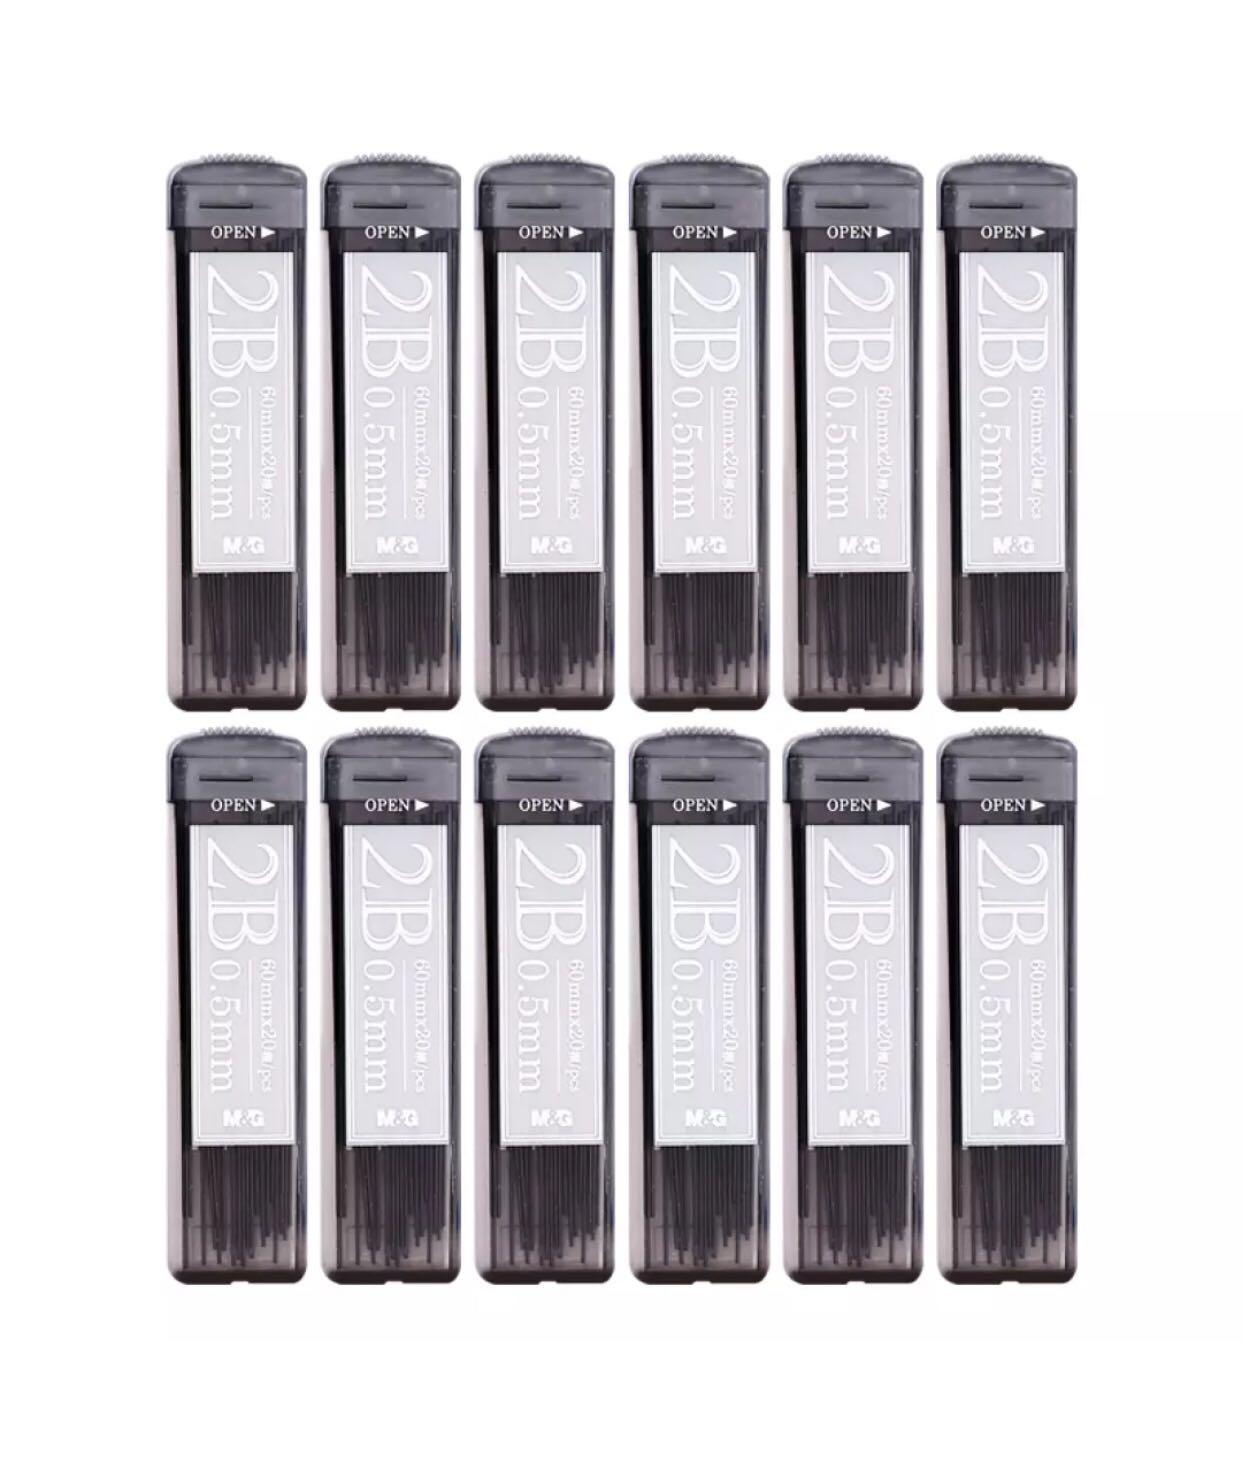 晨光(M&G)2B 0.5mm树脂铅芯学生考试自动铅笔芯12盒ASL60009